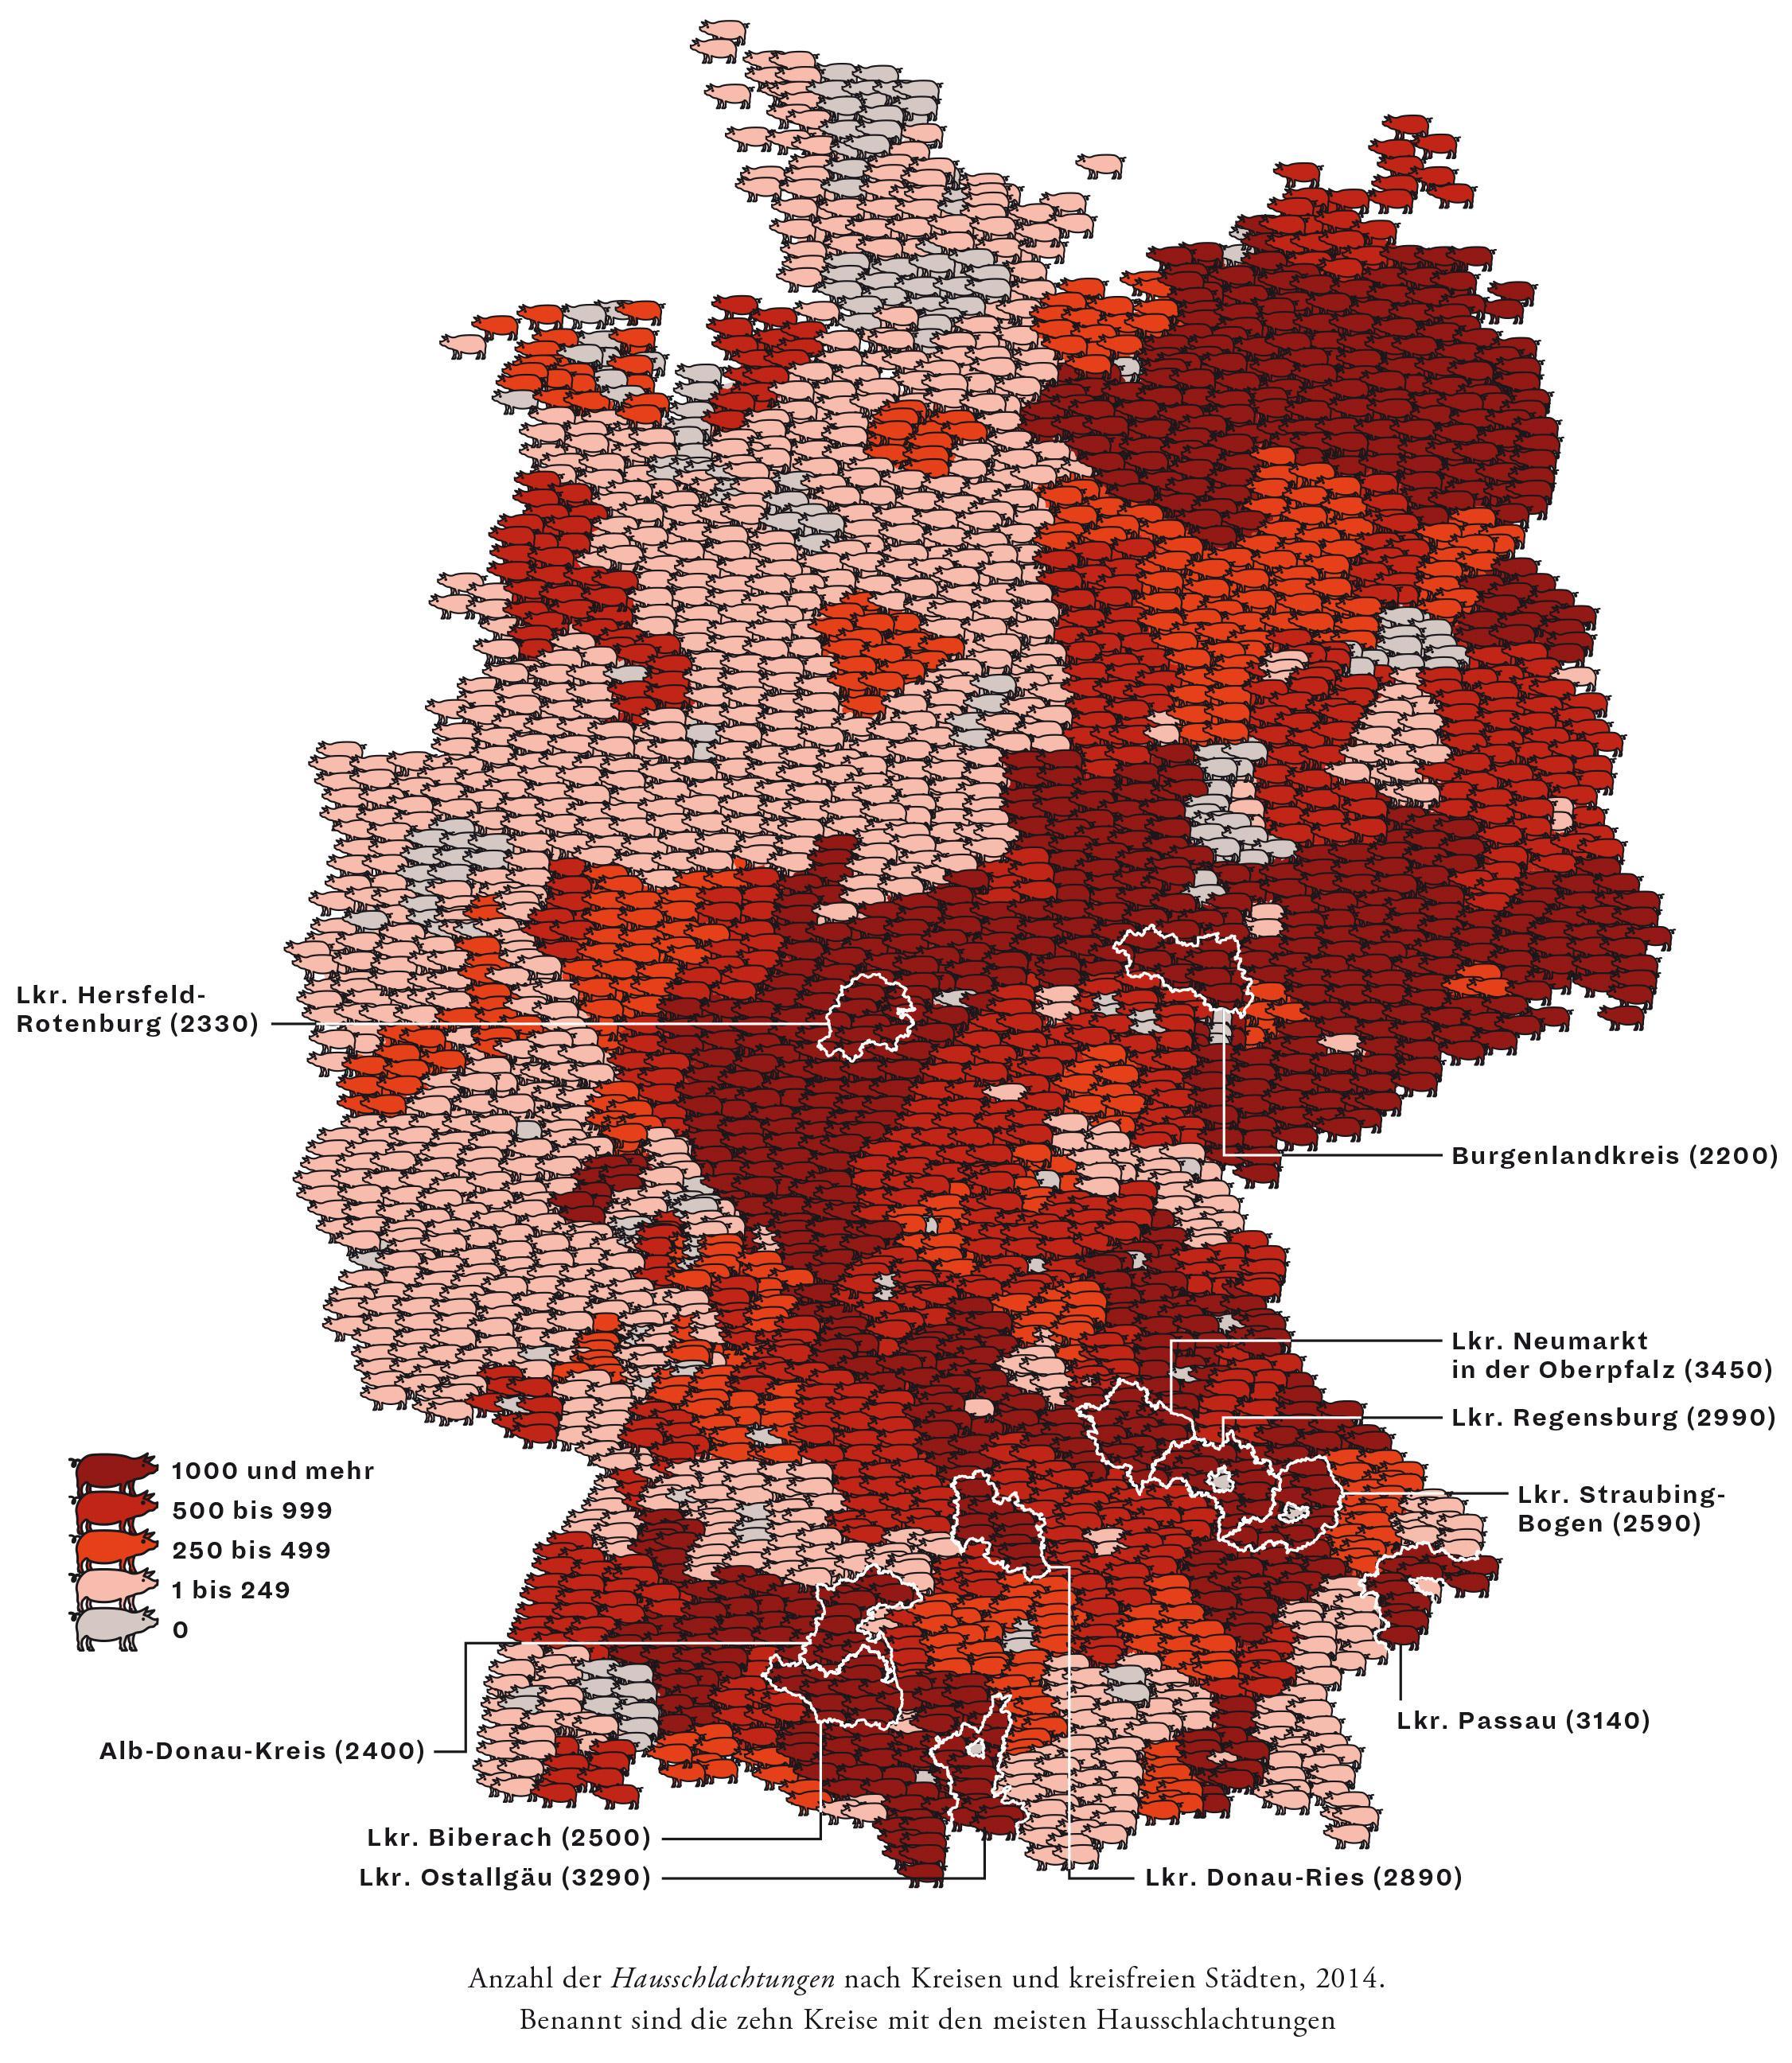 goldvorkommen in deutschland karte Gold: Der kleine Rausch | ZEITmagazin goldvorkommen in deutschland karte